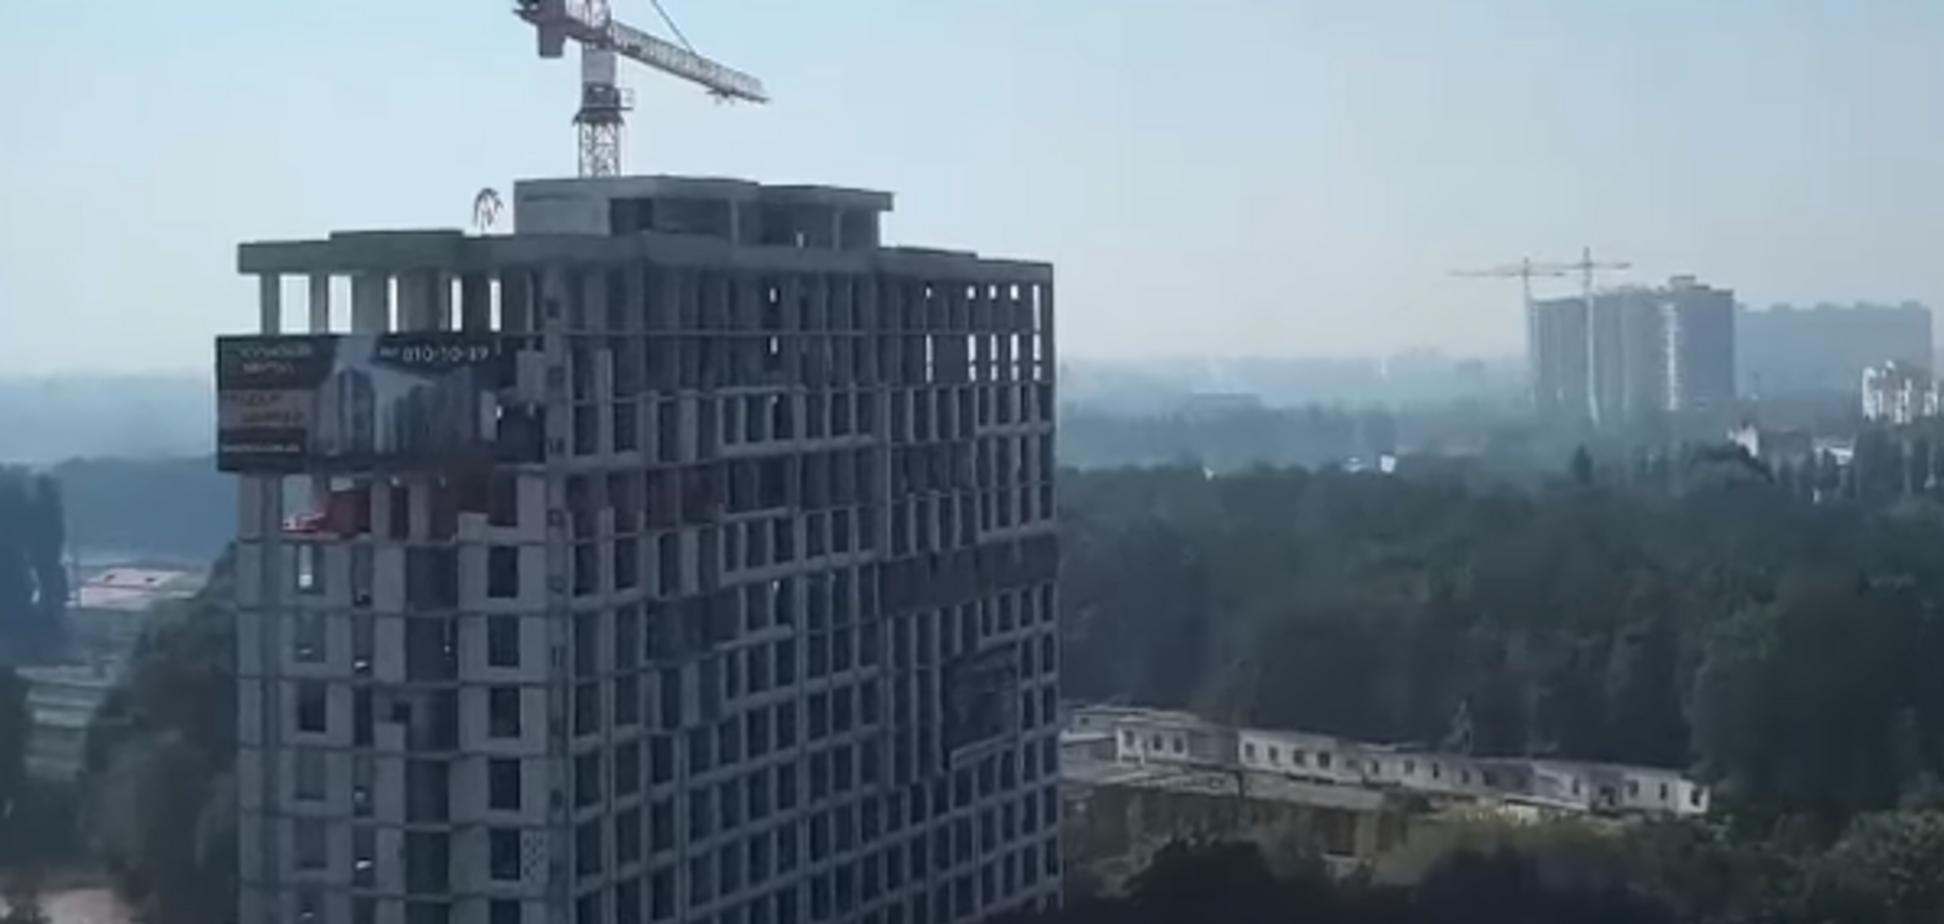 Почему Киев задыхается в дыму: хронология экологического бедствия